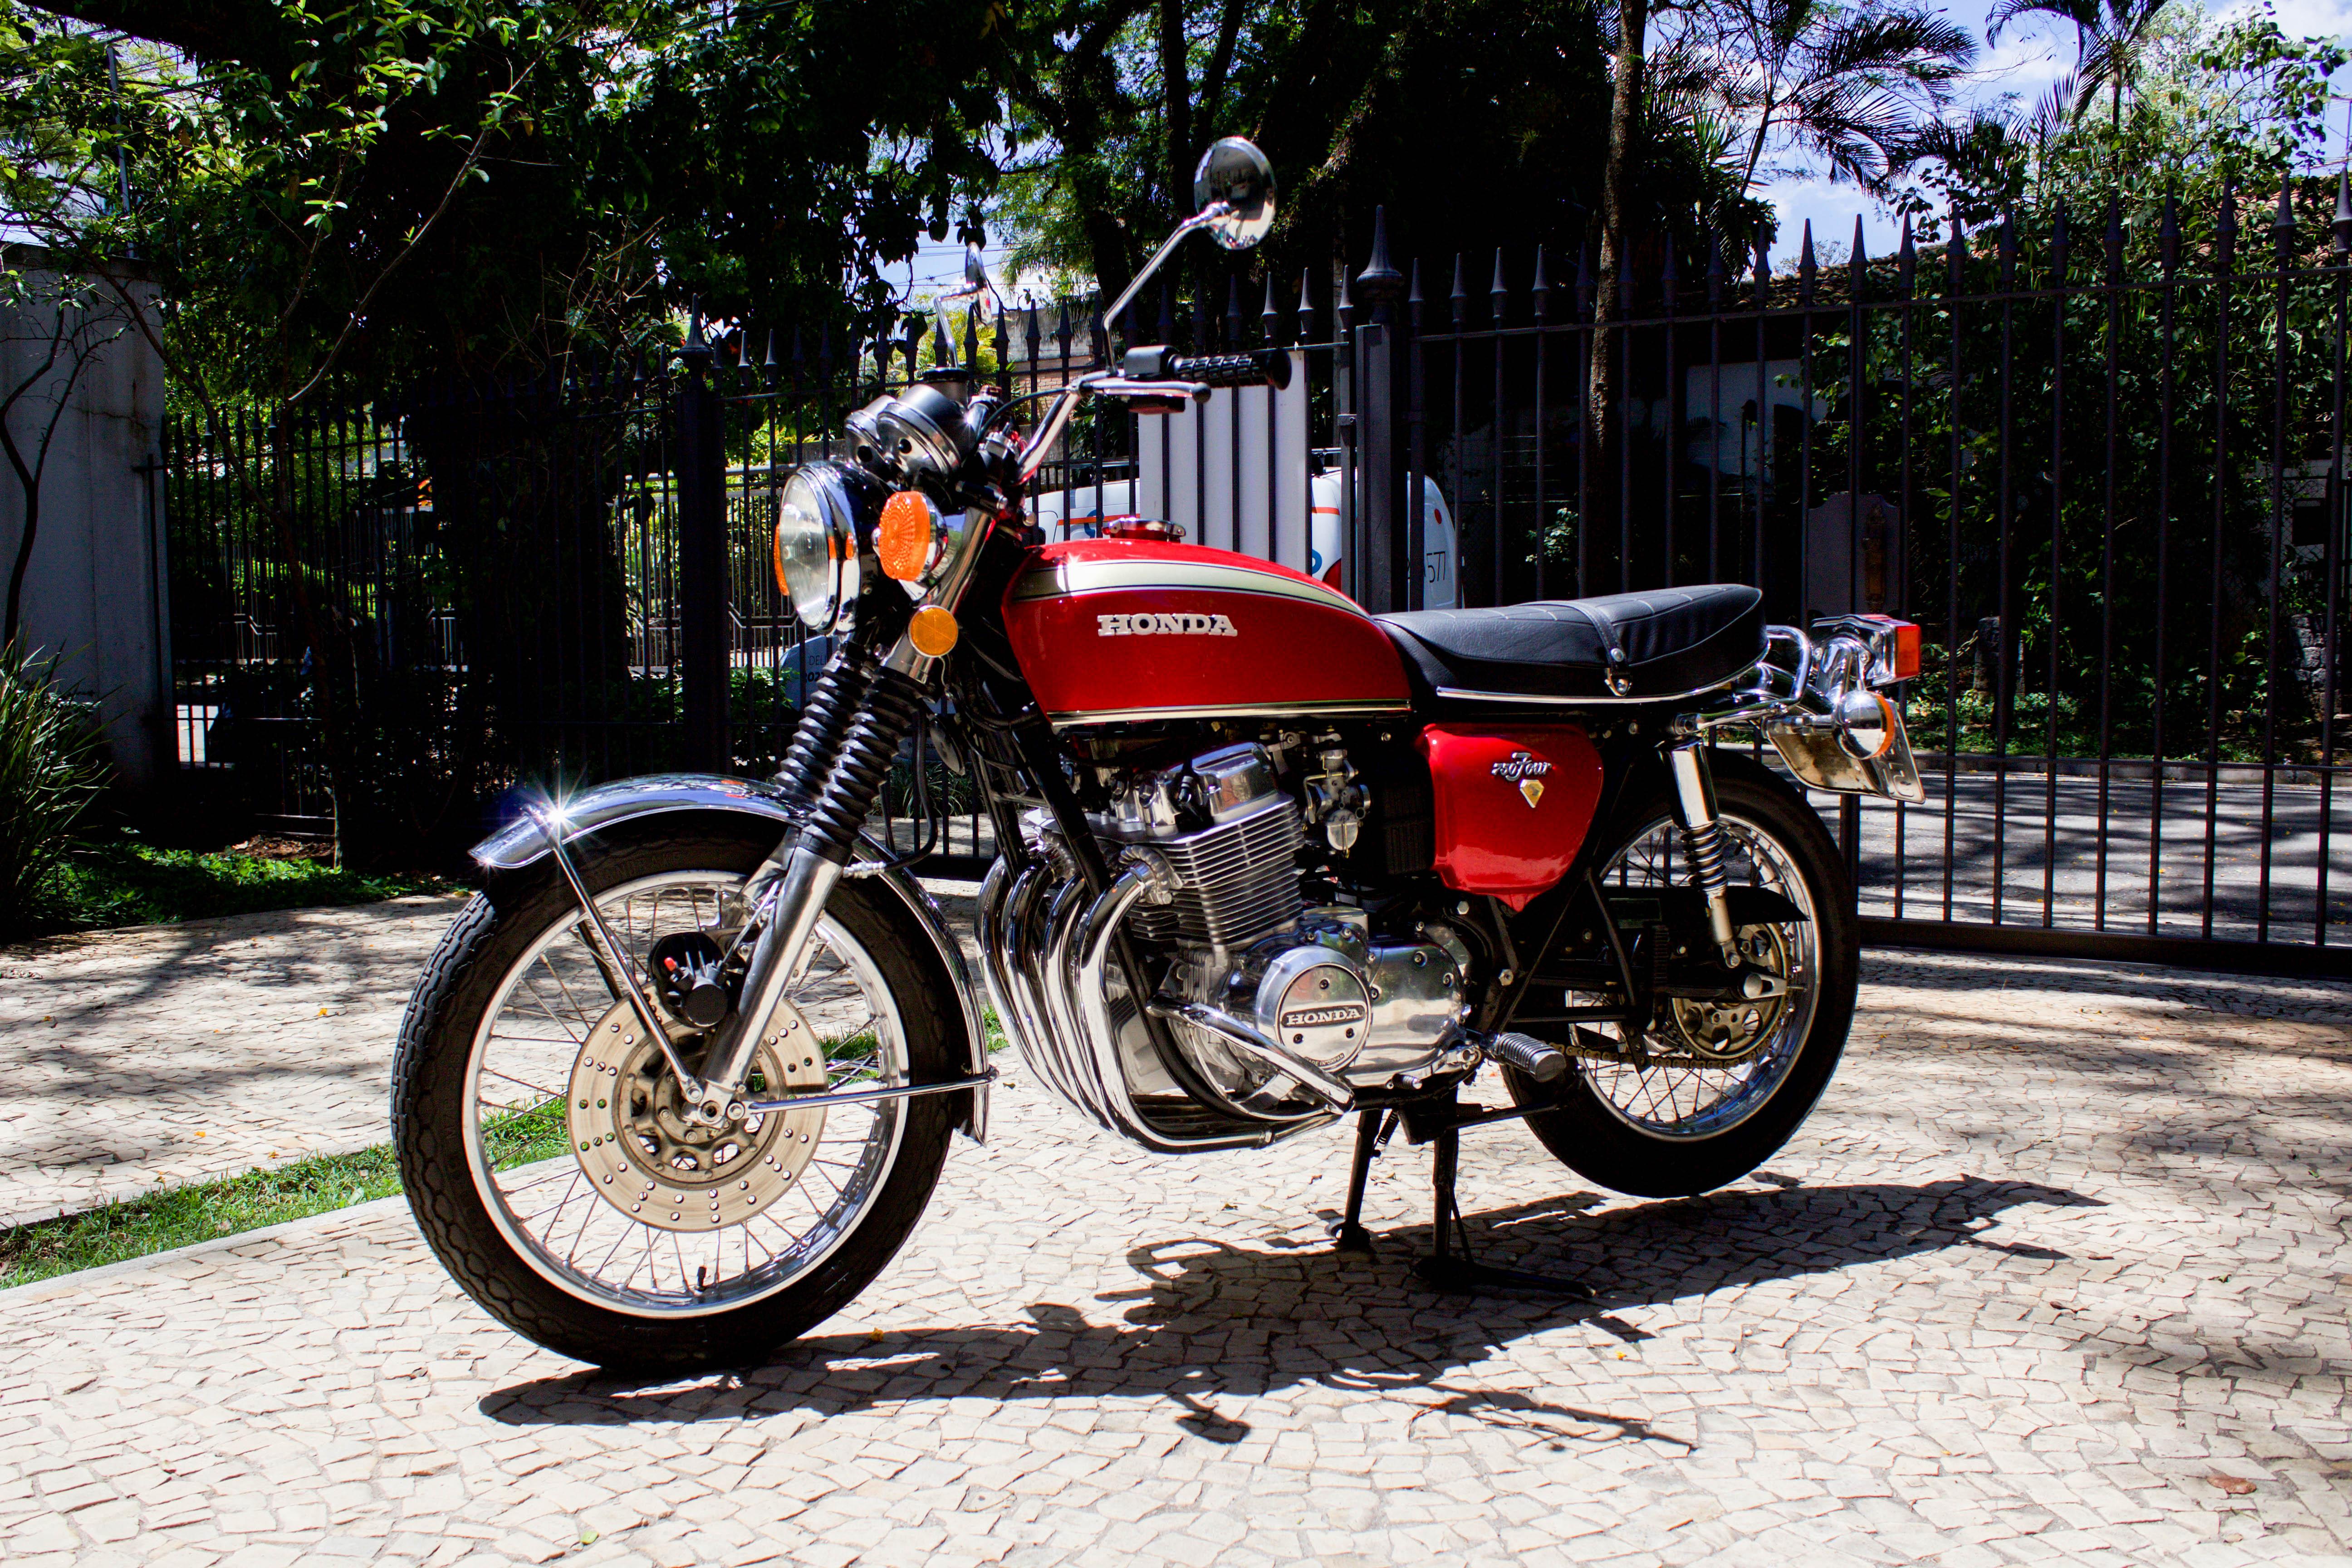 1973 Honda 750 four